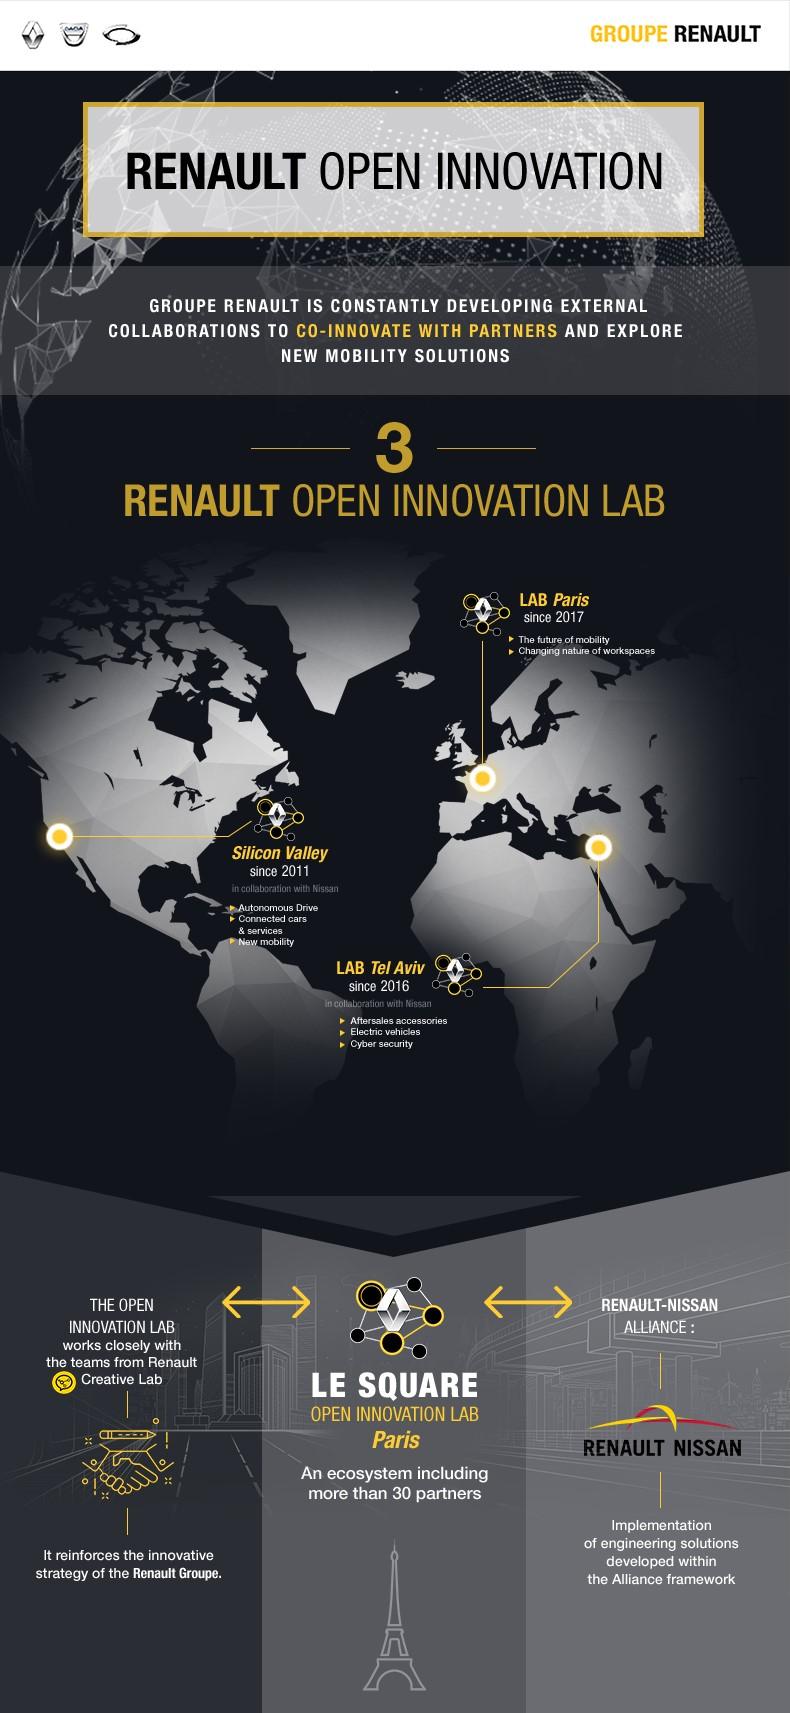 autoservice.com.gr_1_Renault